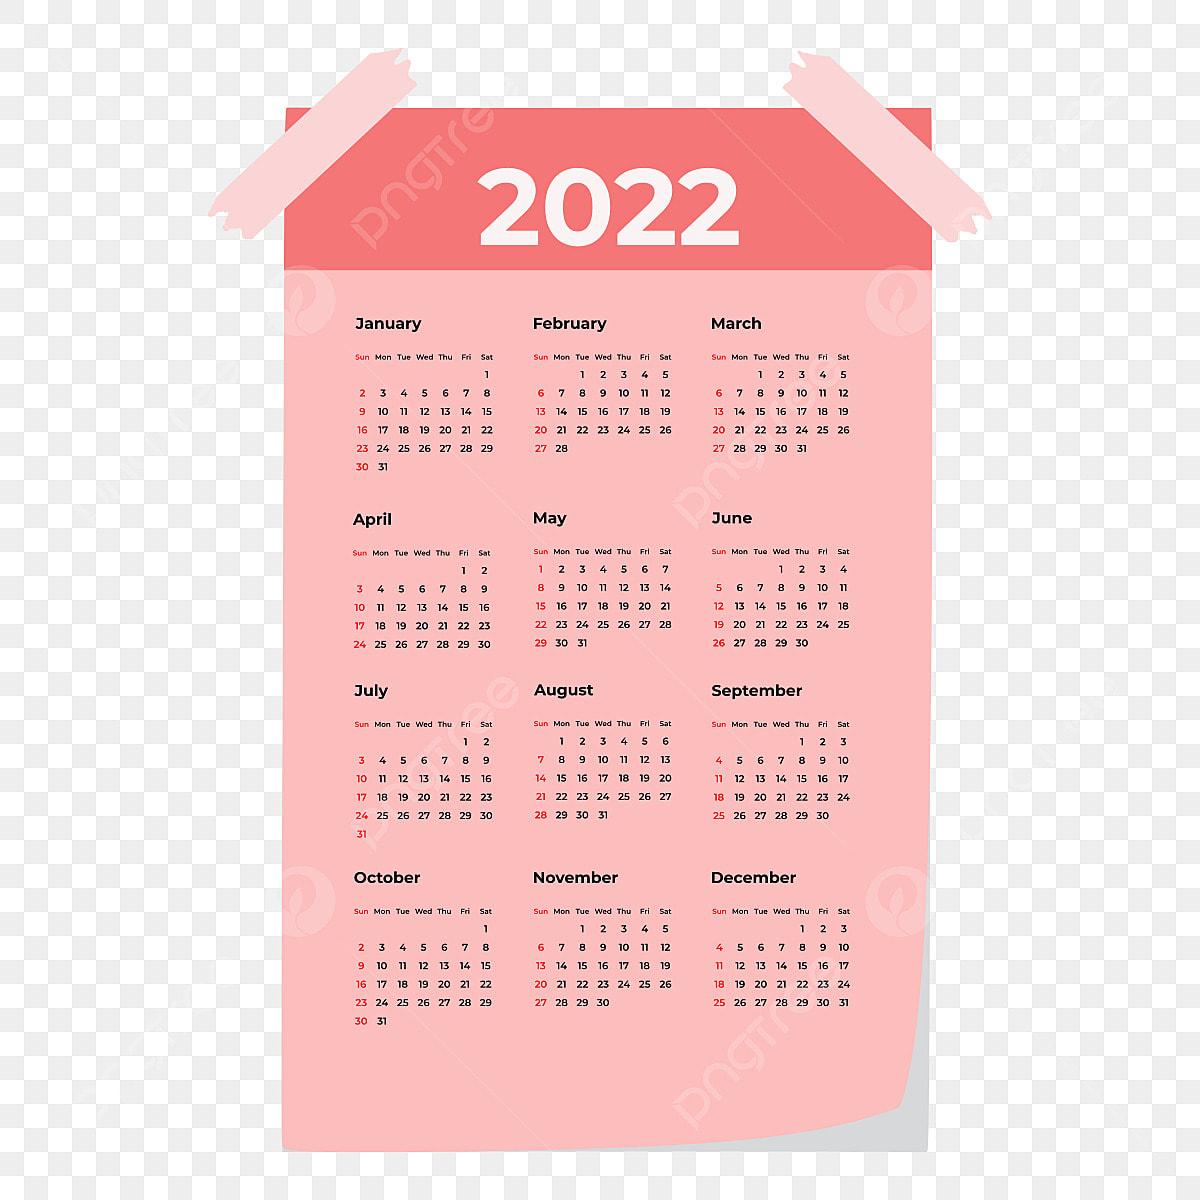 Calendrier Commercial 2022 Calendrier Mural 2022, Journée, Calendrier 2022, Papier PNG et